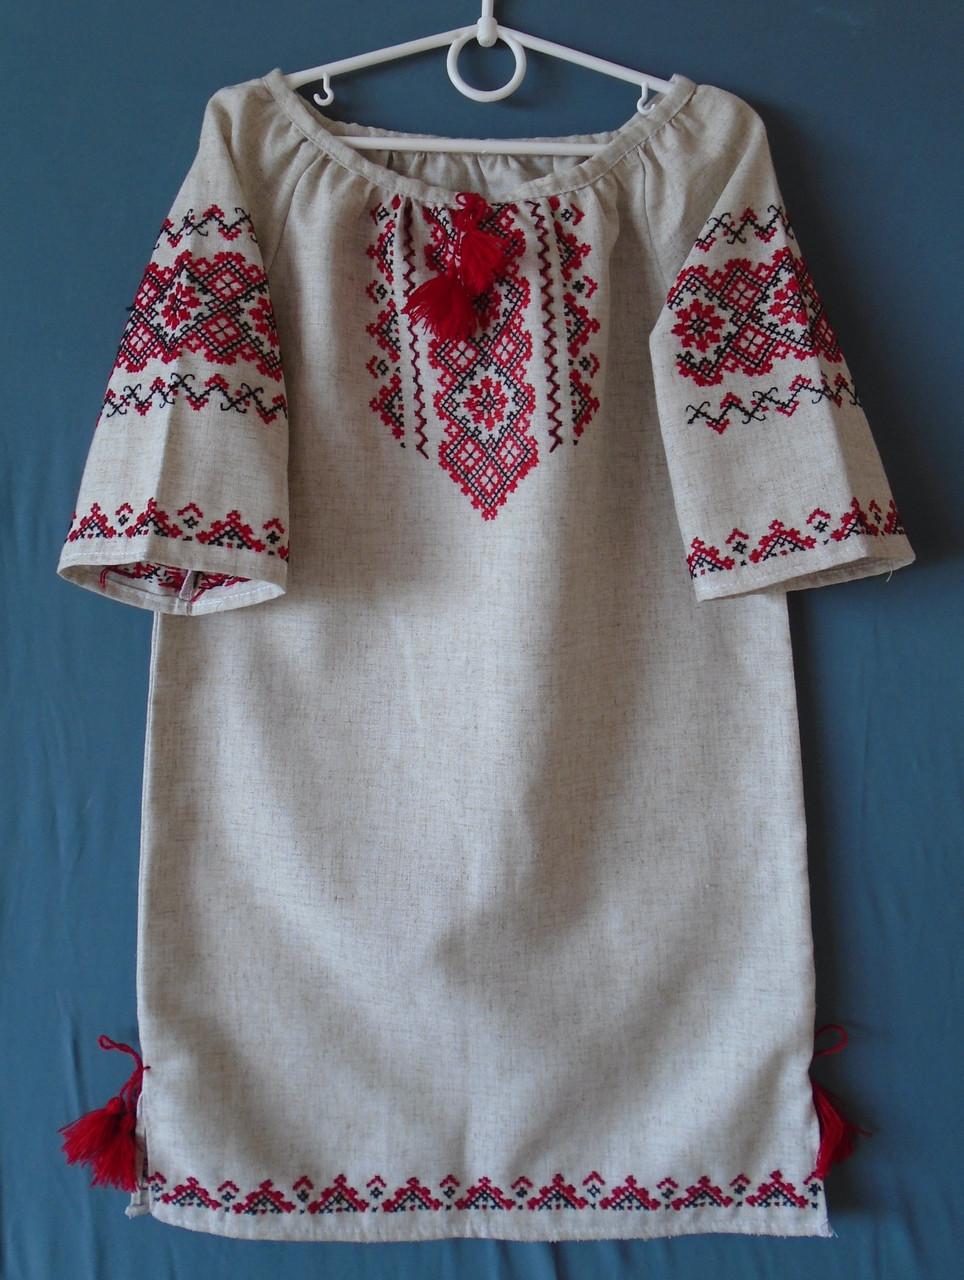 5c1e9e7f908a90 Вишите плаття ручна робота для дівчинки 9-10 років на сірому льоні -  Інтернет-